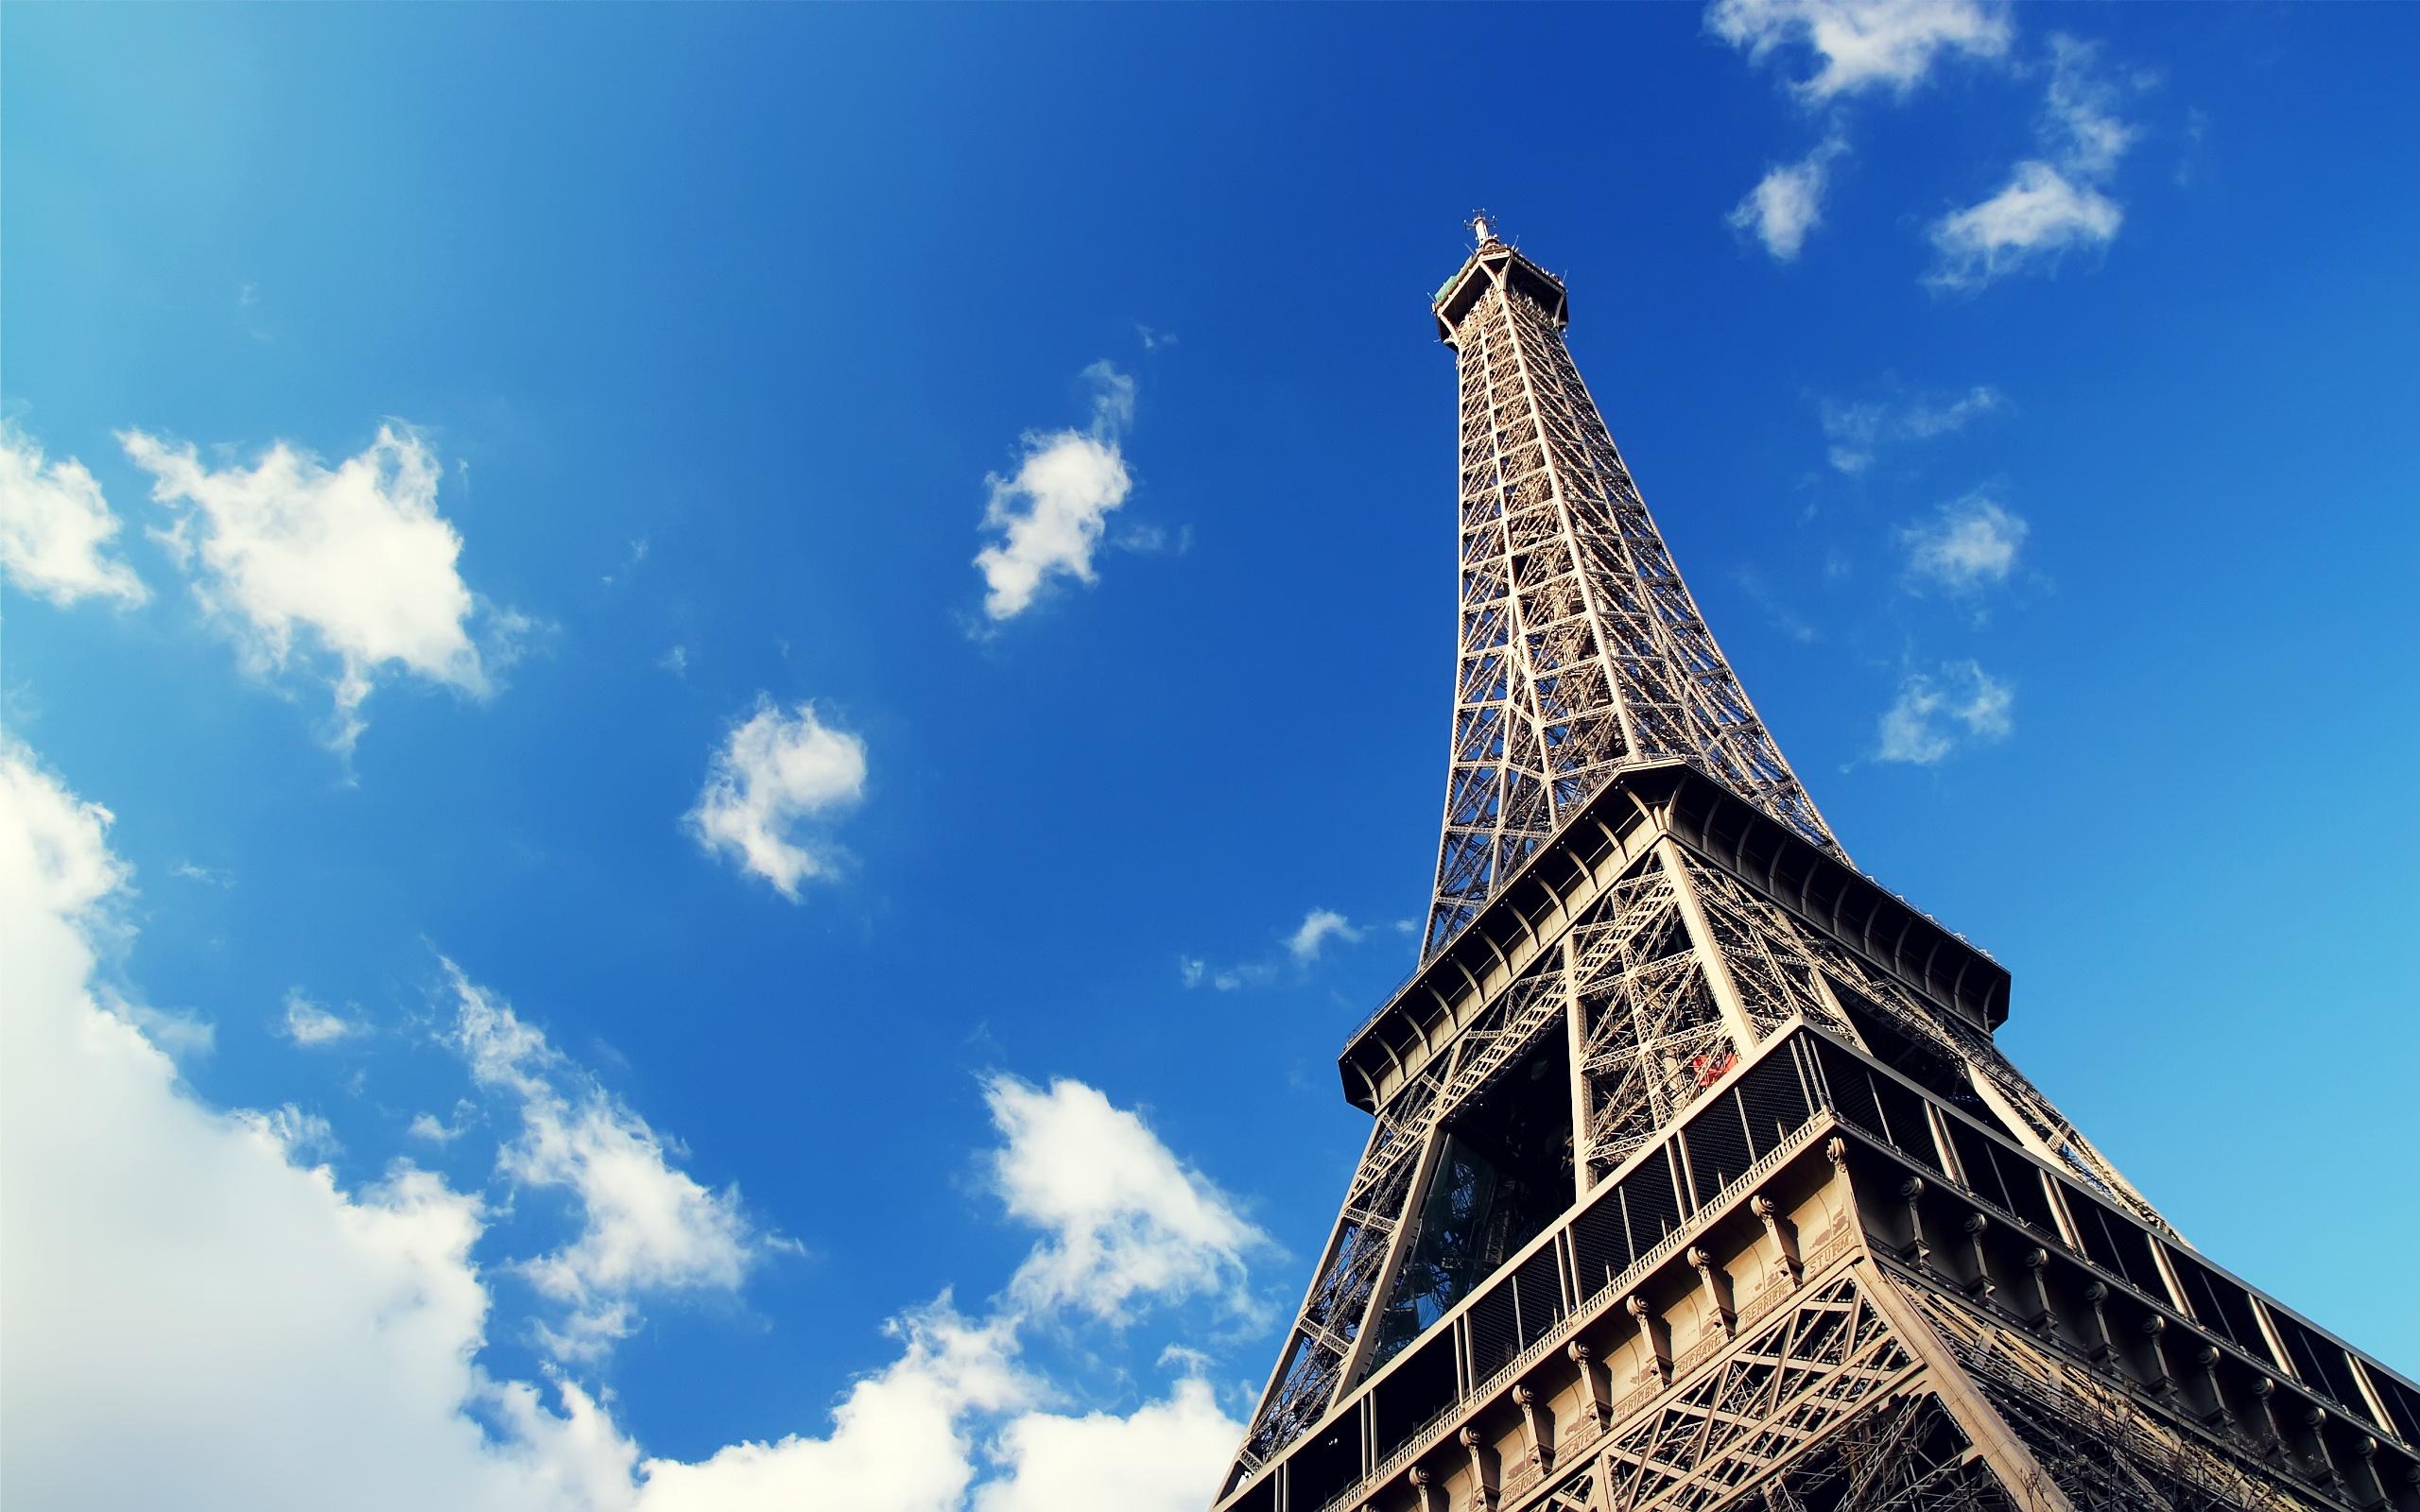 Wallpaper download paris - Eiffel Tower Paris